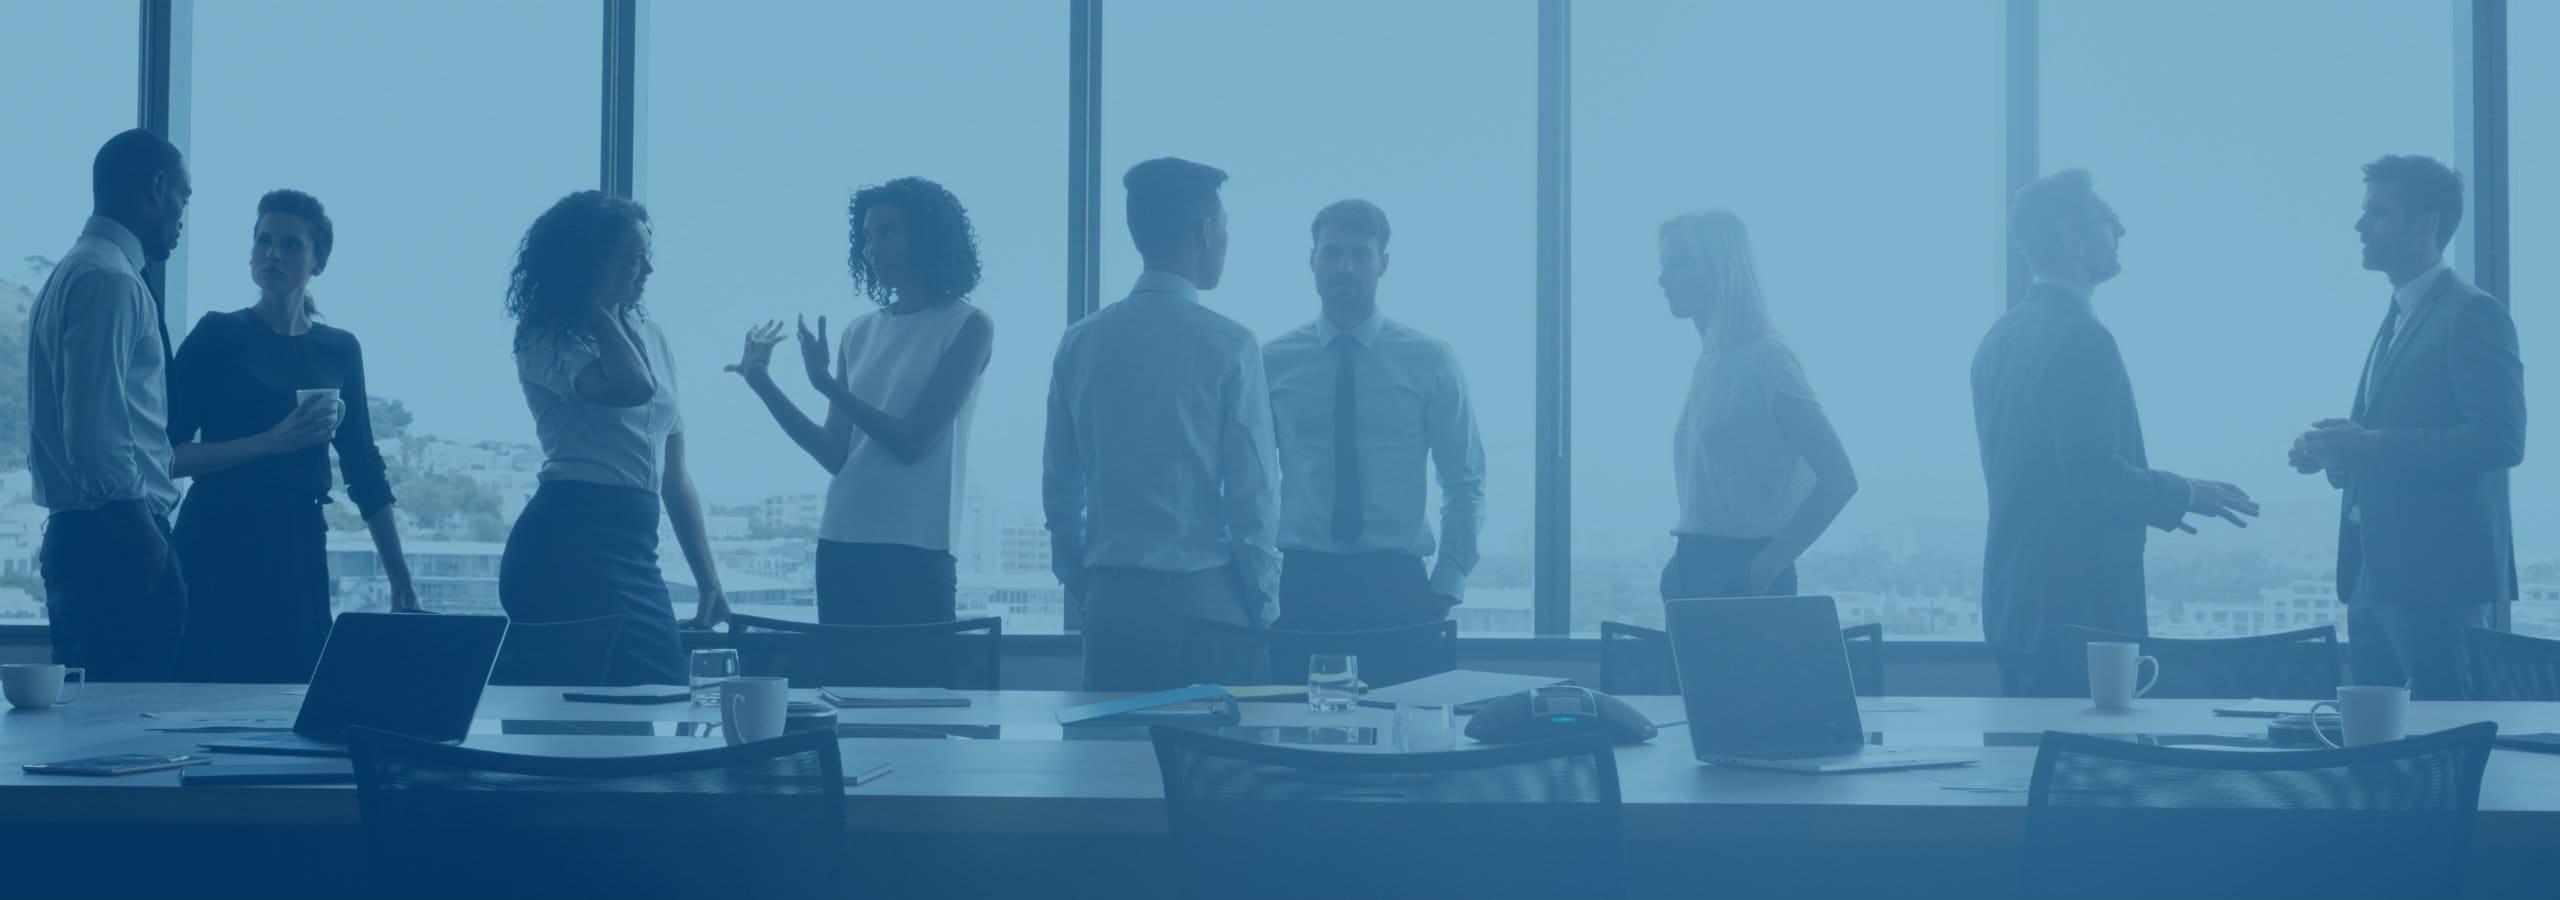 Partnere i Senior Management Worldwide